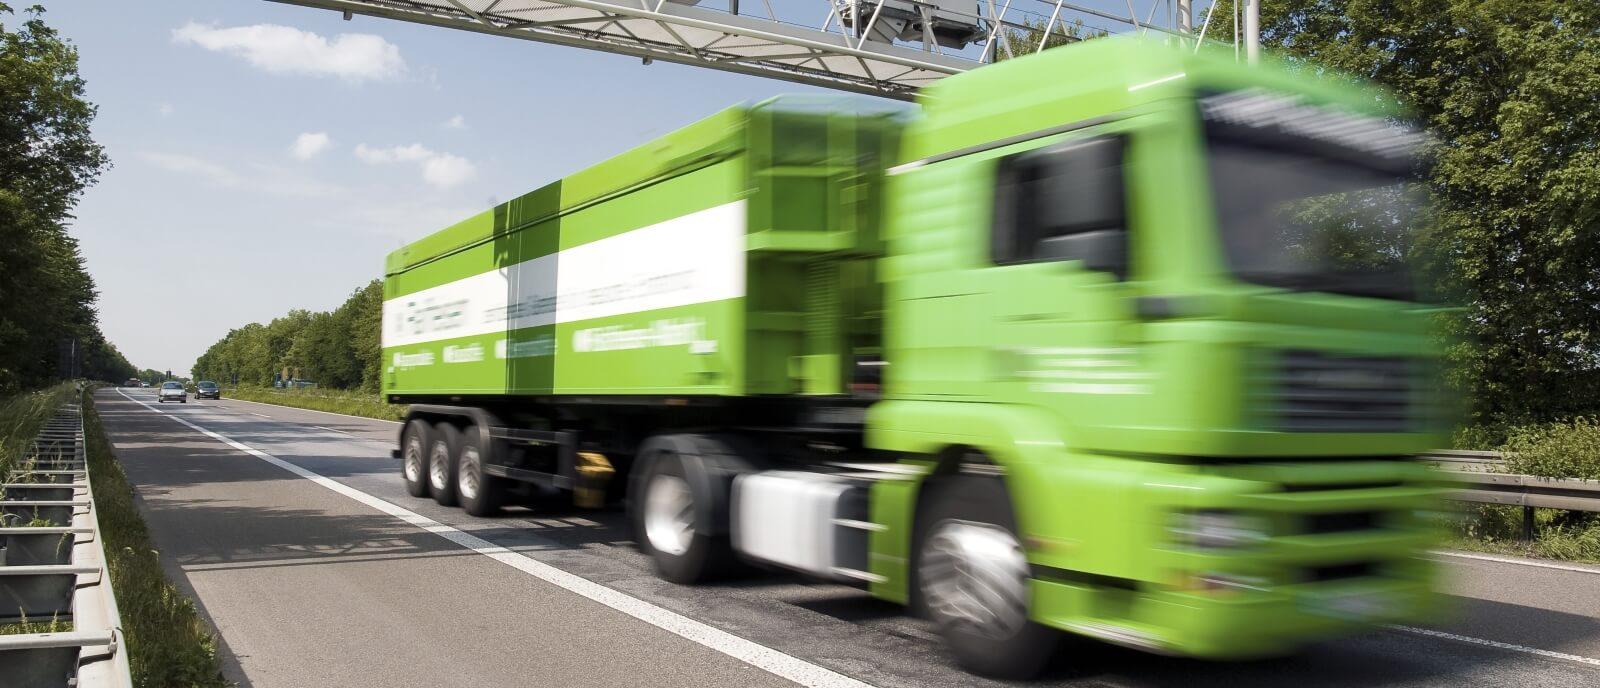 Мониторинг уровня топлива на грузовых автомобилях